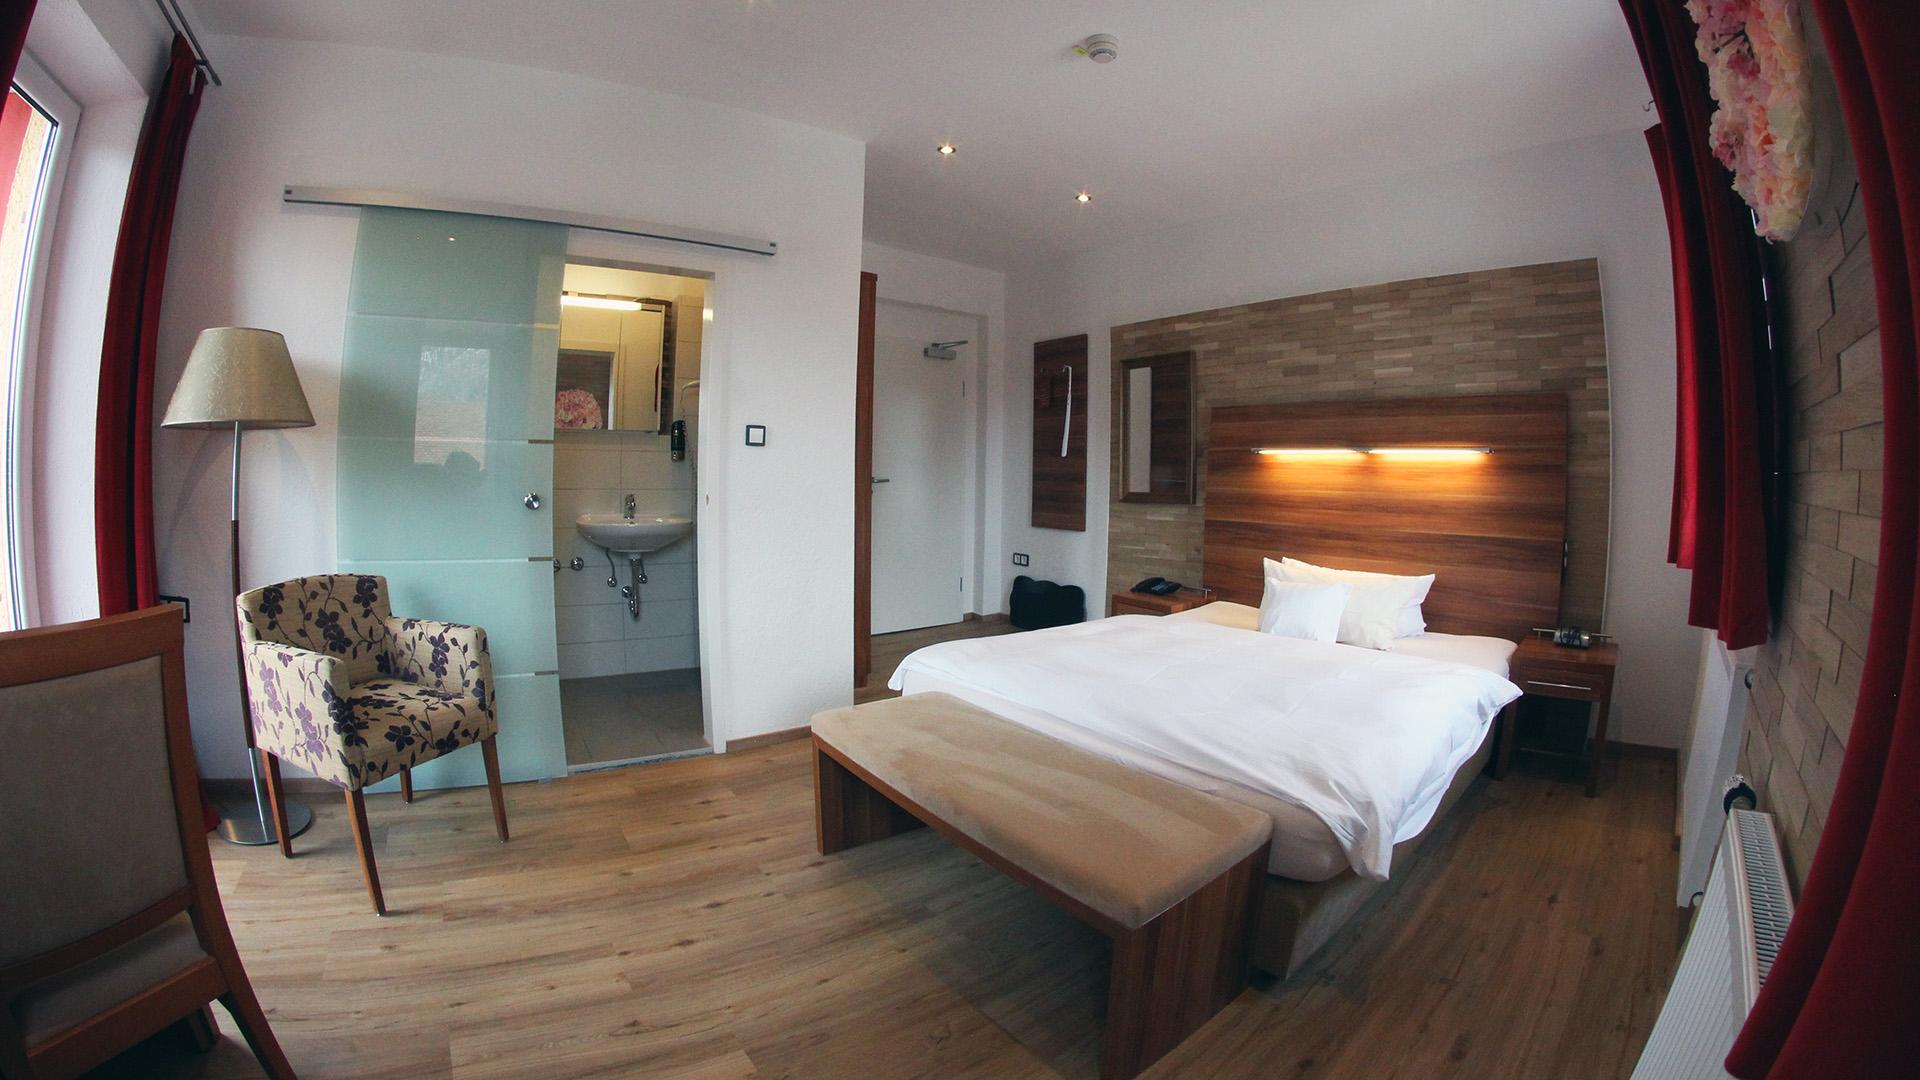 Hotel Almrausch in Bad Reichenhall - Ihr 3 Sterne Hotel im Süden Bayerns - Zimmer Einzelzimmer Komfort 9 Innenaufnahme